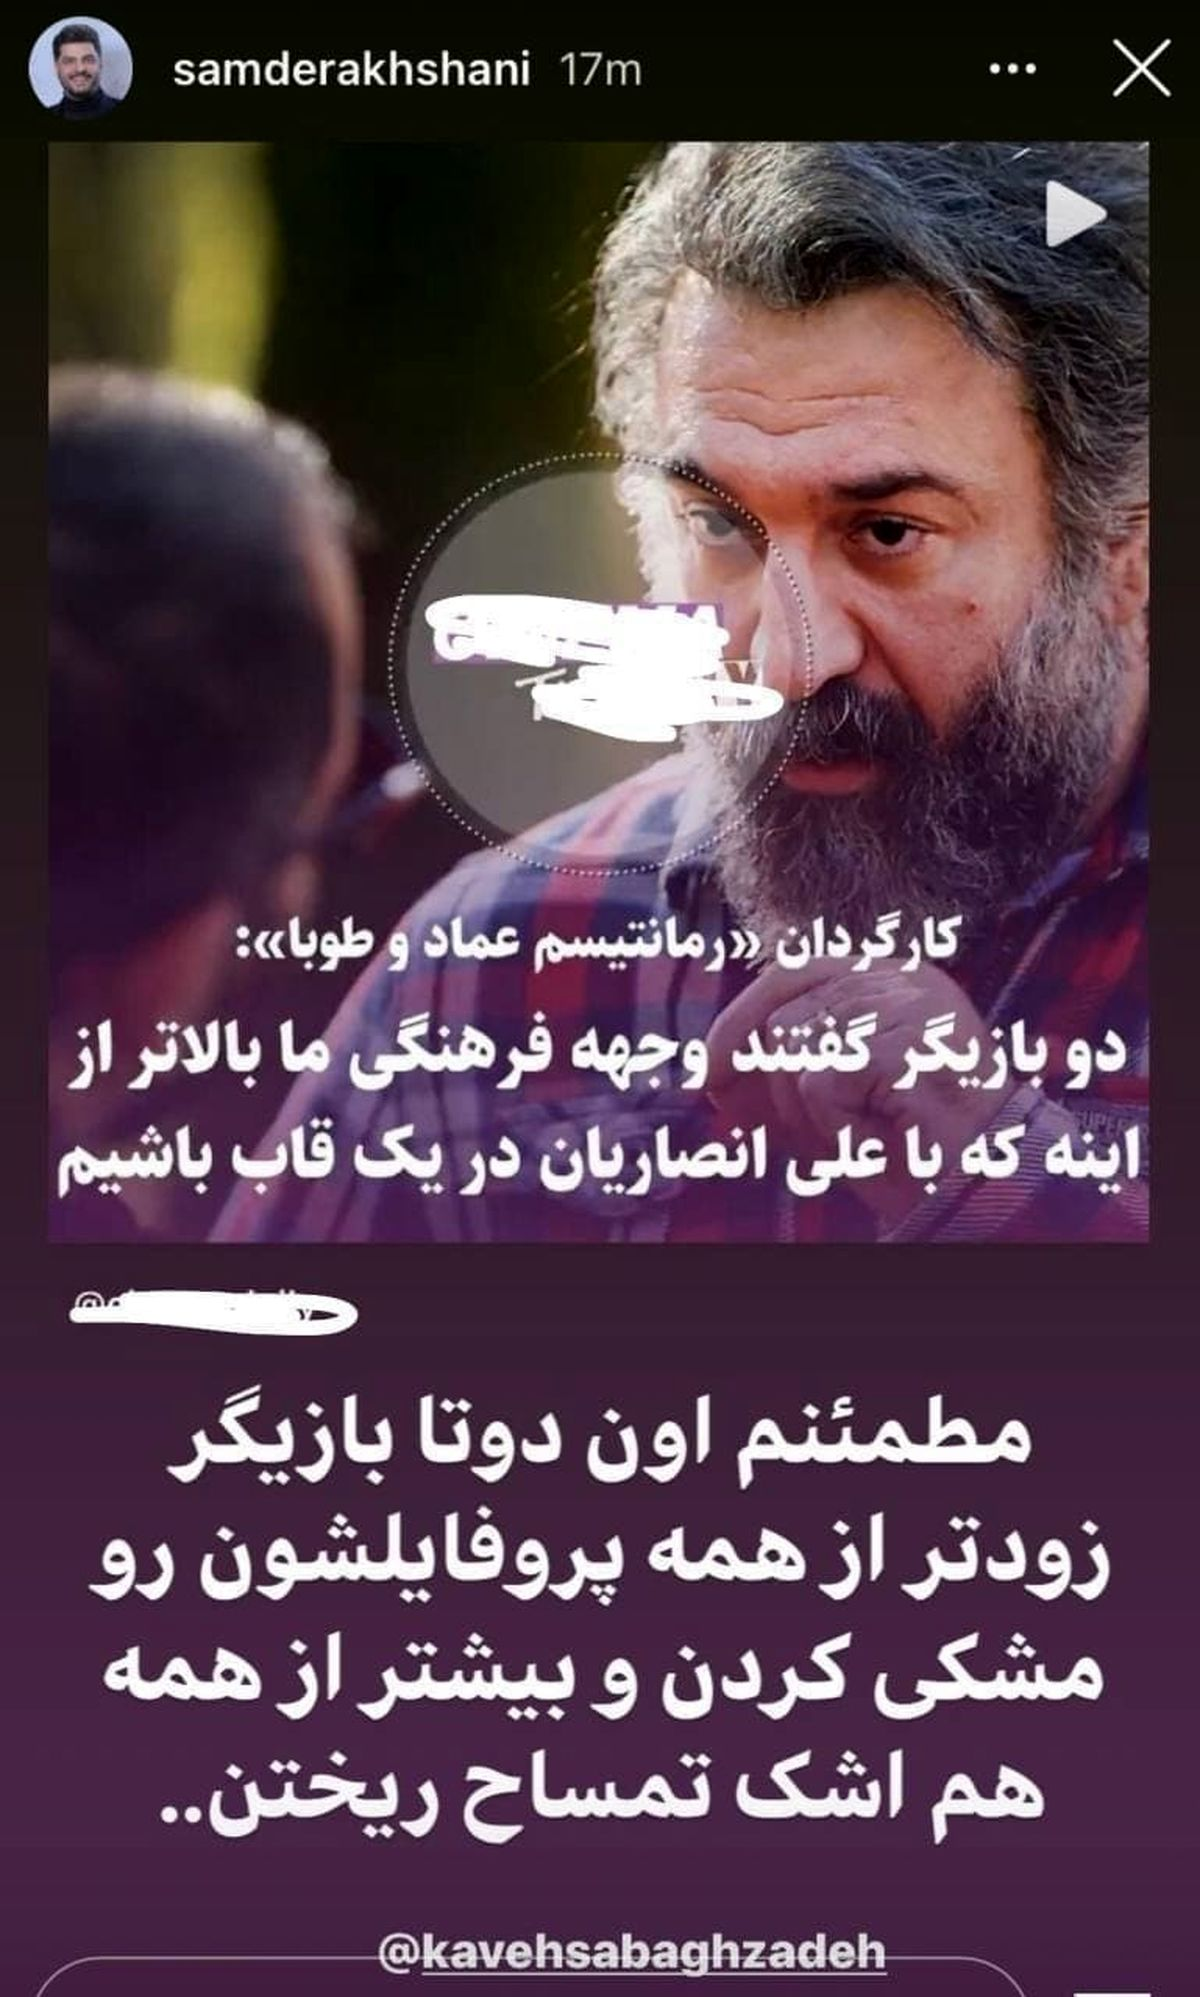 واکنش سام درخشانی به انصراف دو بازیگر از همبازی شدن با علی انصاریان+عکس